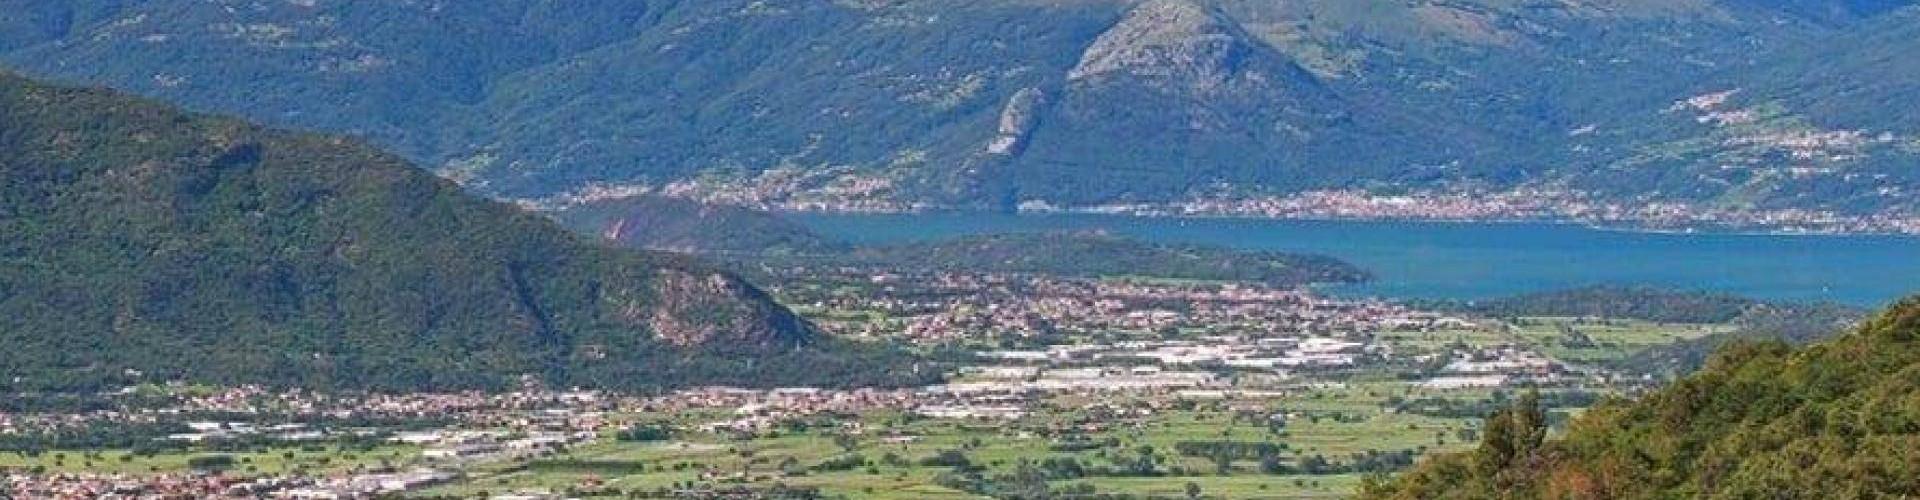 Prodotti tipici della Bassa Valtellina: Piantedo e Delebio